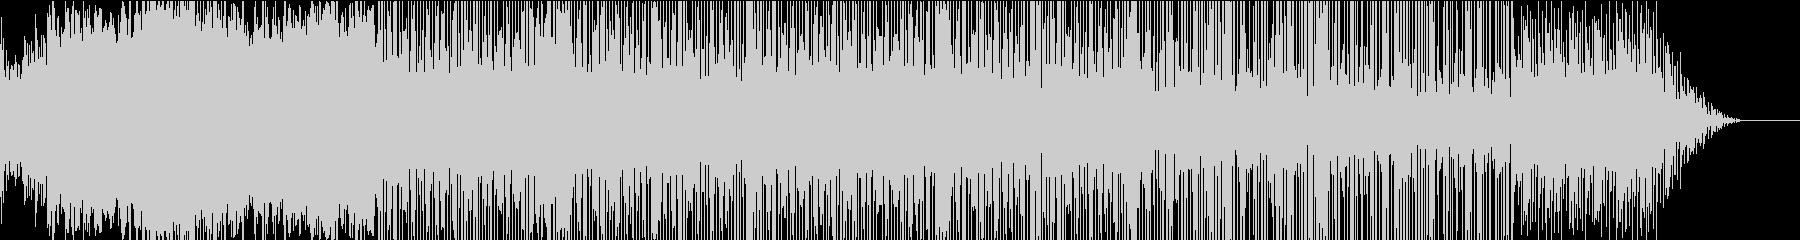 女性ボイスをサンプリングしたスローハウスの未再生の波形